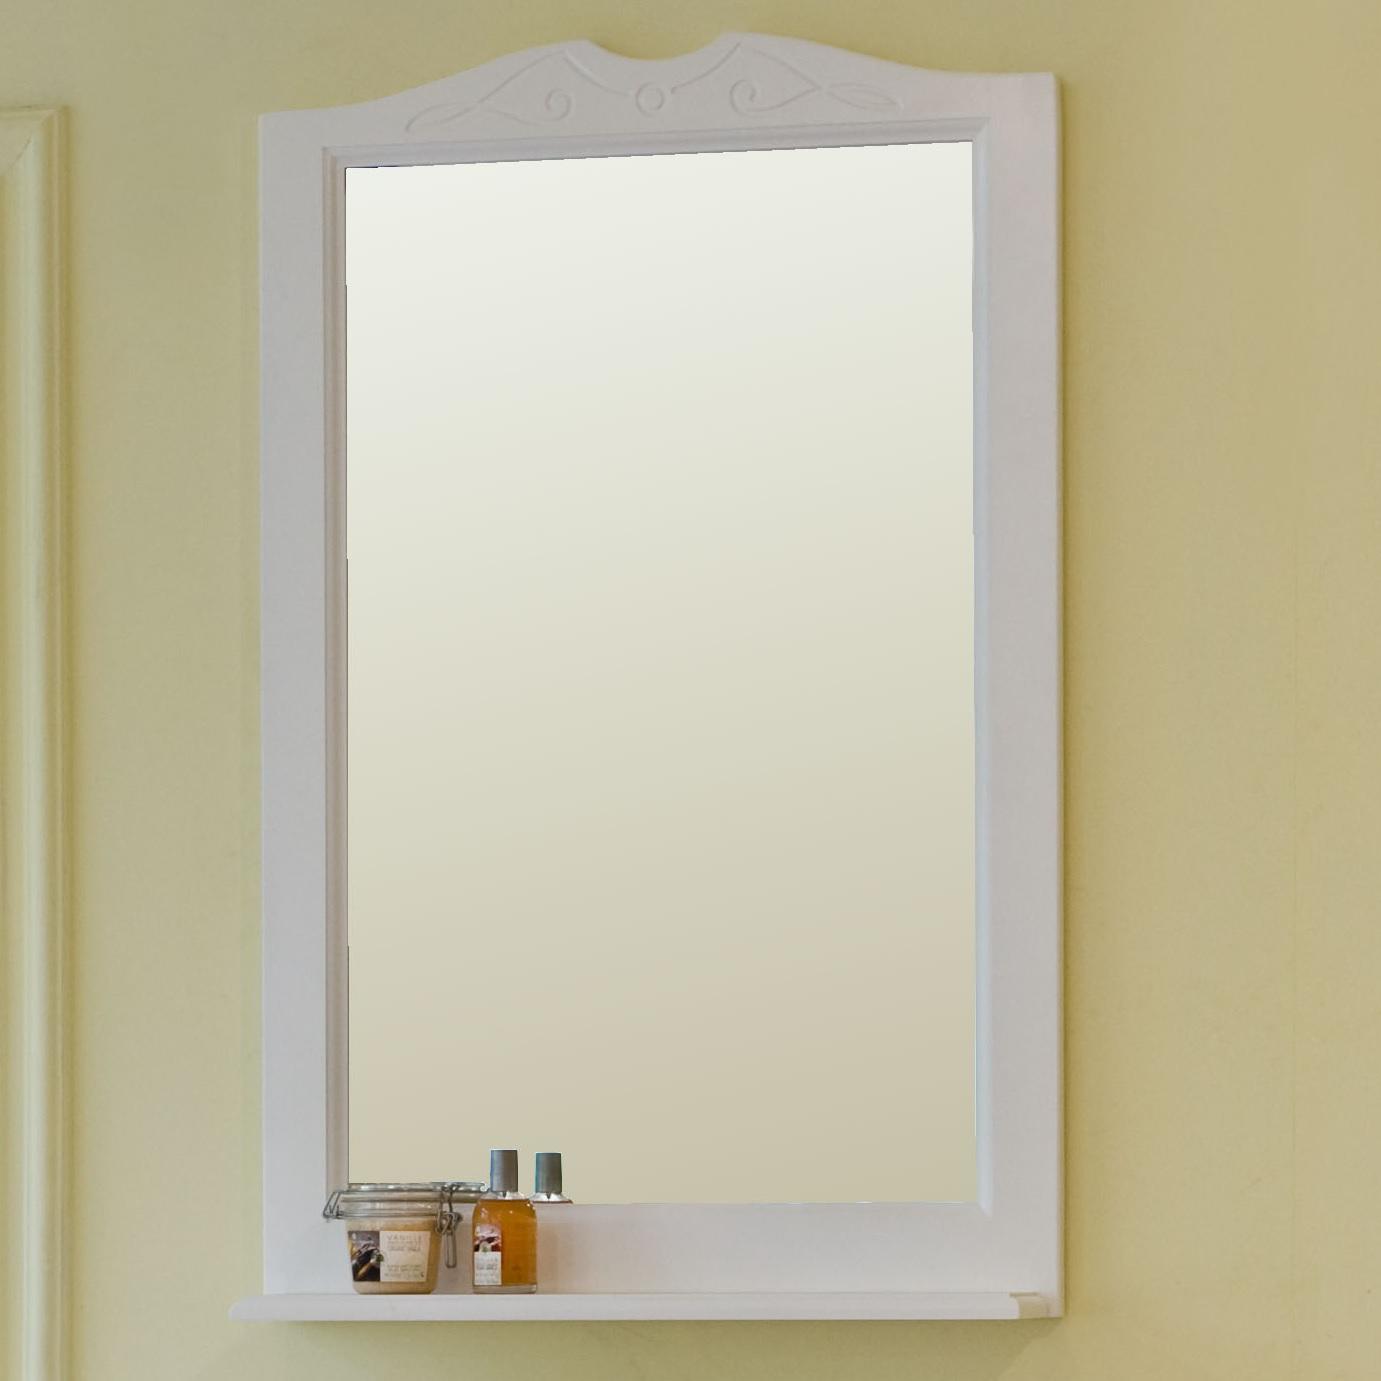 Зеркало Аллигатор МИЛАНА 1-60, цвет белый, 60*99,5*14 см